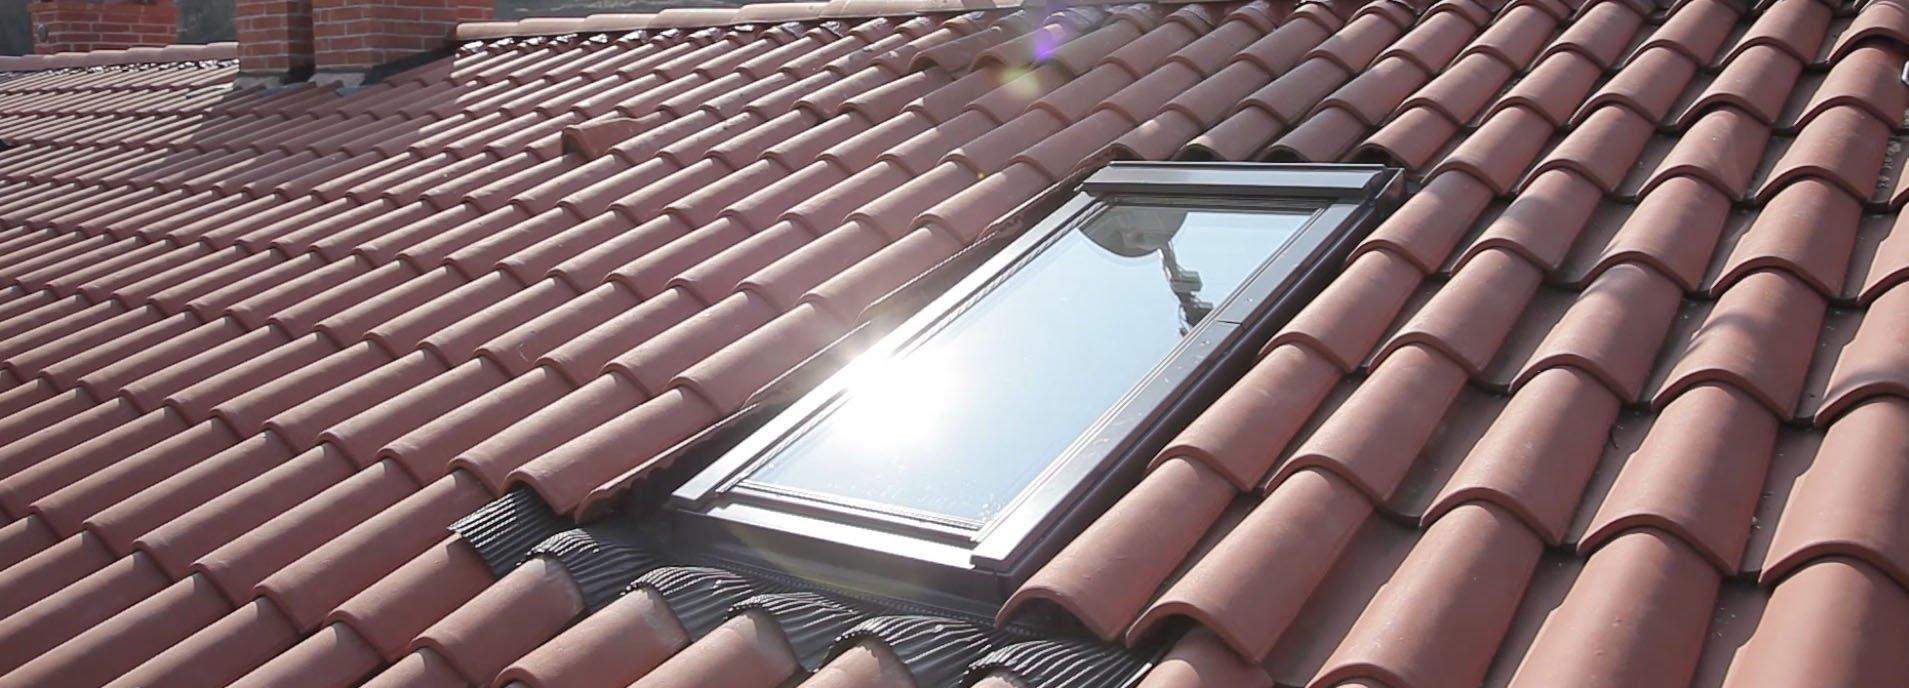 Finestre per tetti come scegliere il lucernario adatto for Montaggio velux costo